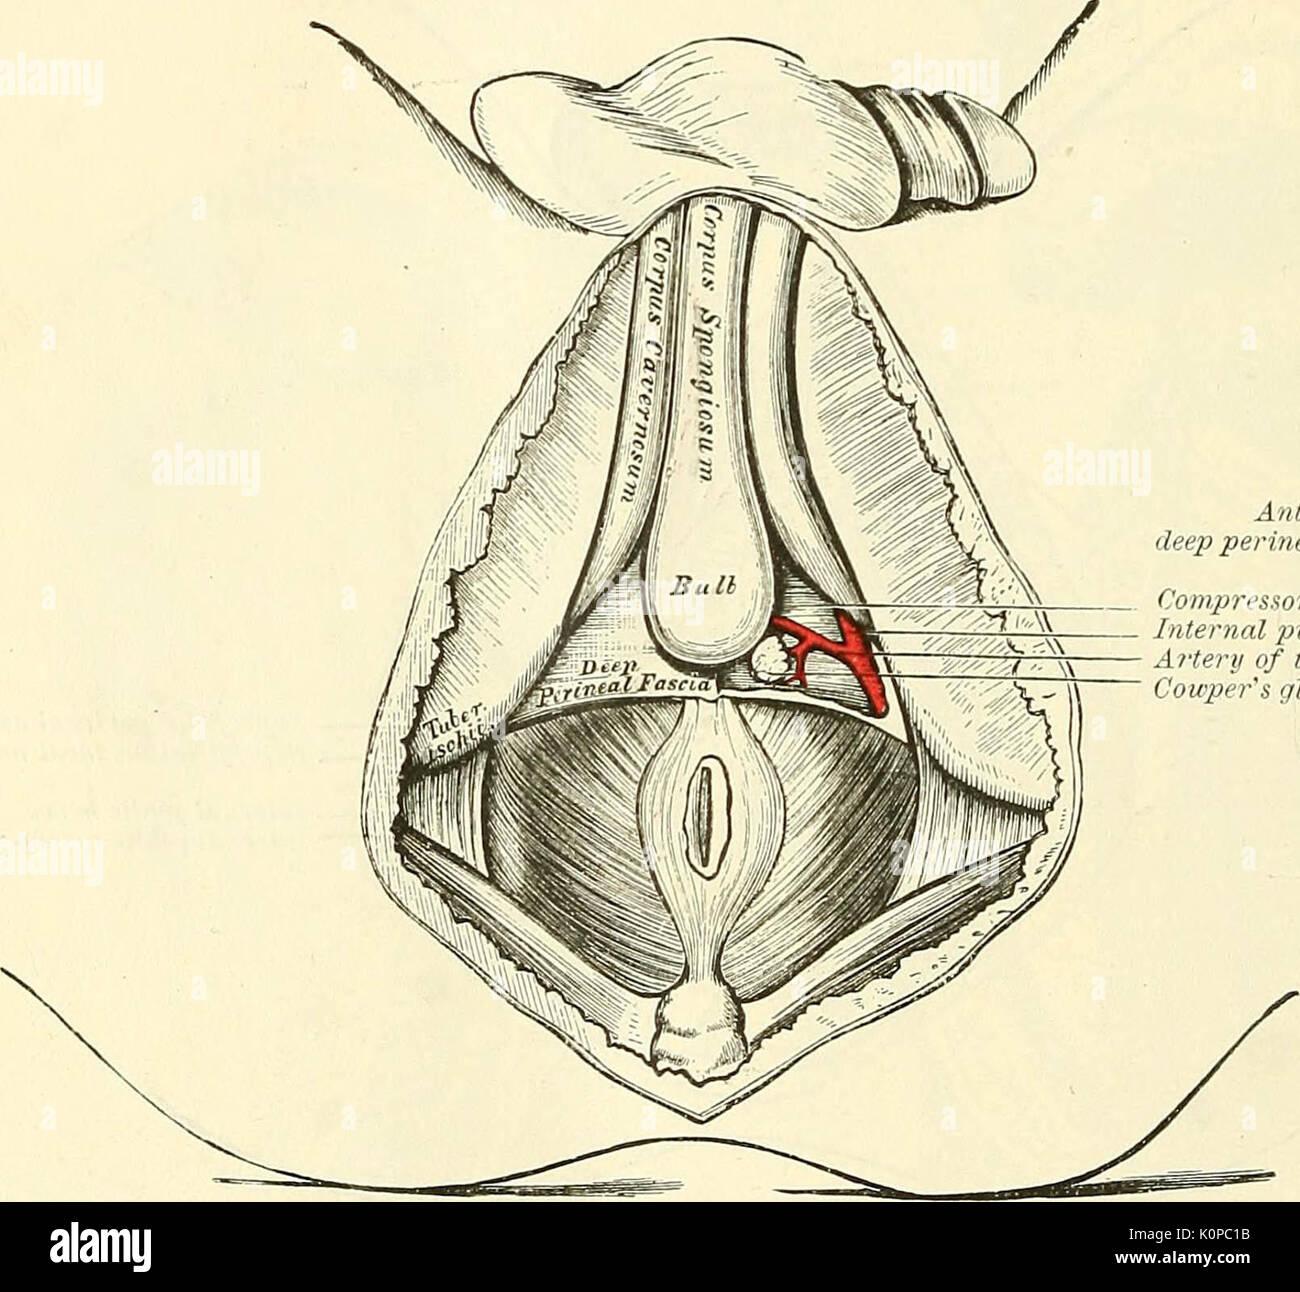 Berühmt Anatomie Beschreibend Und Chirurgische Fotos - Menschliche ...